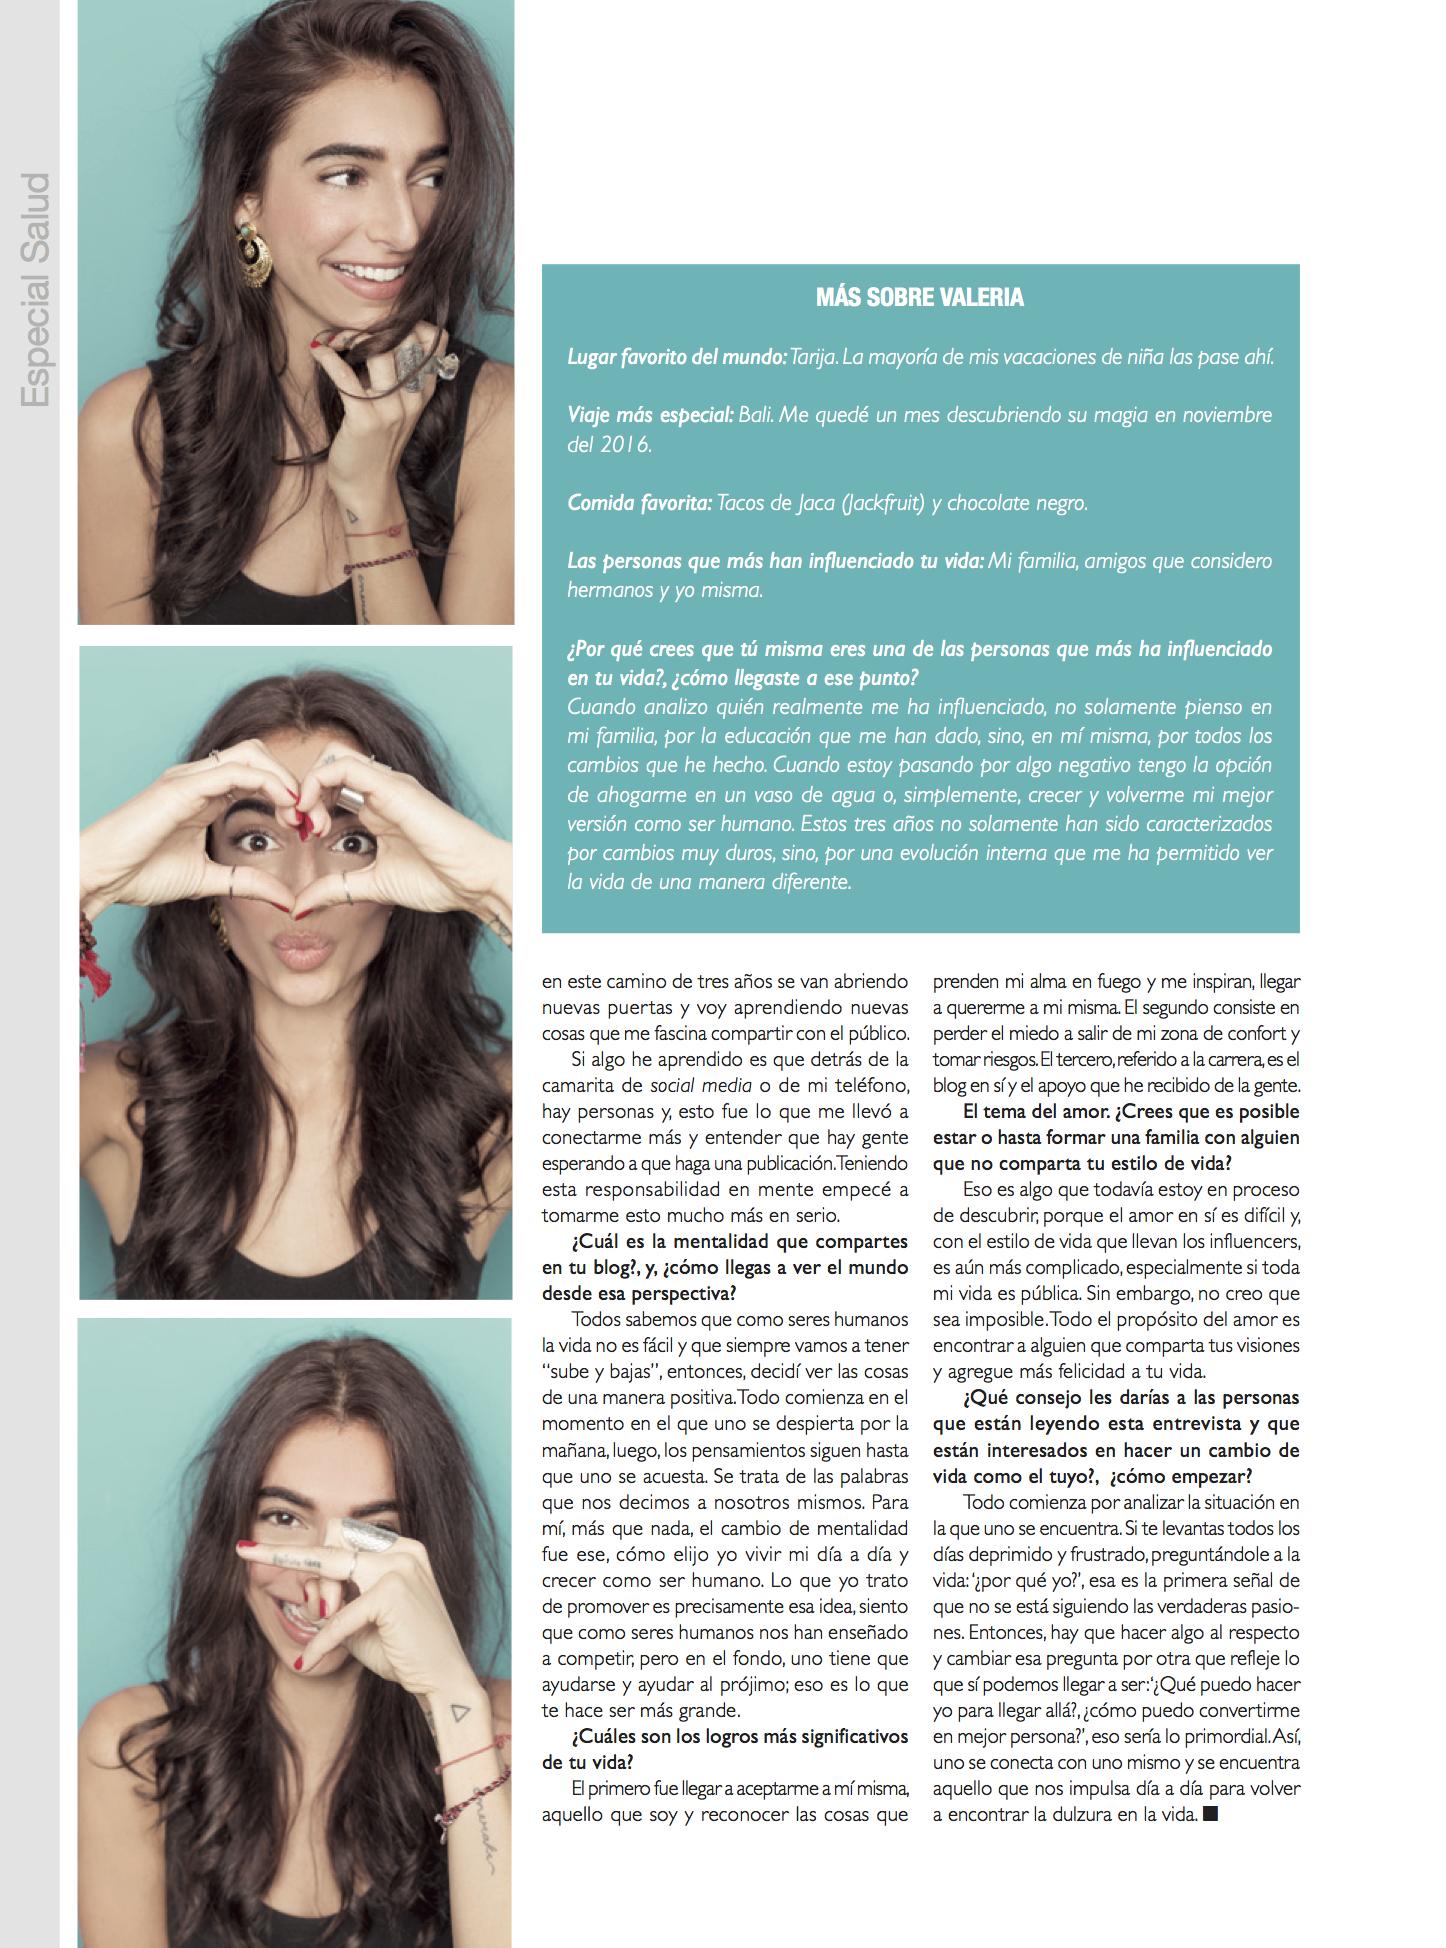 Especial de Salud 230 (dragged) 2.jpg